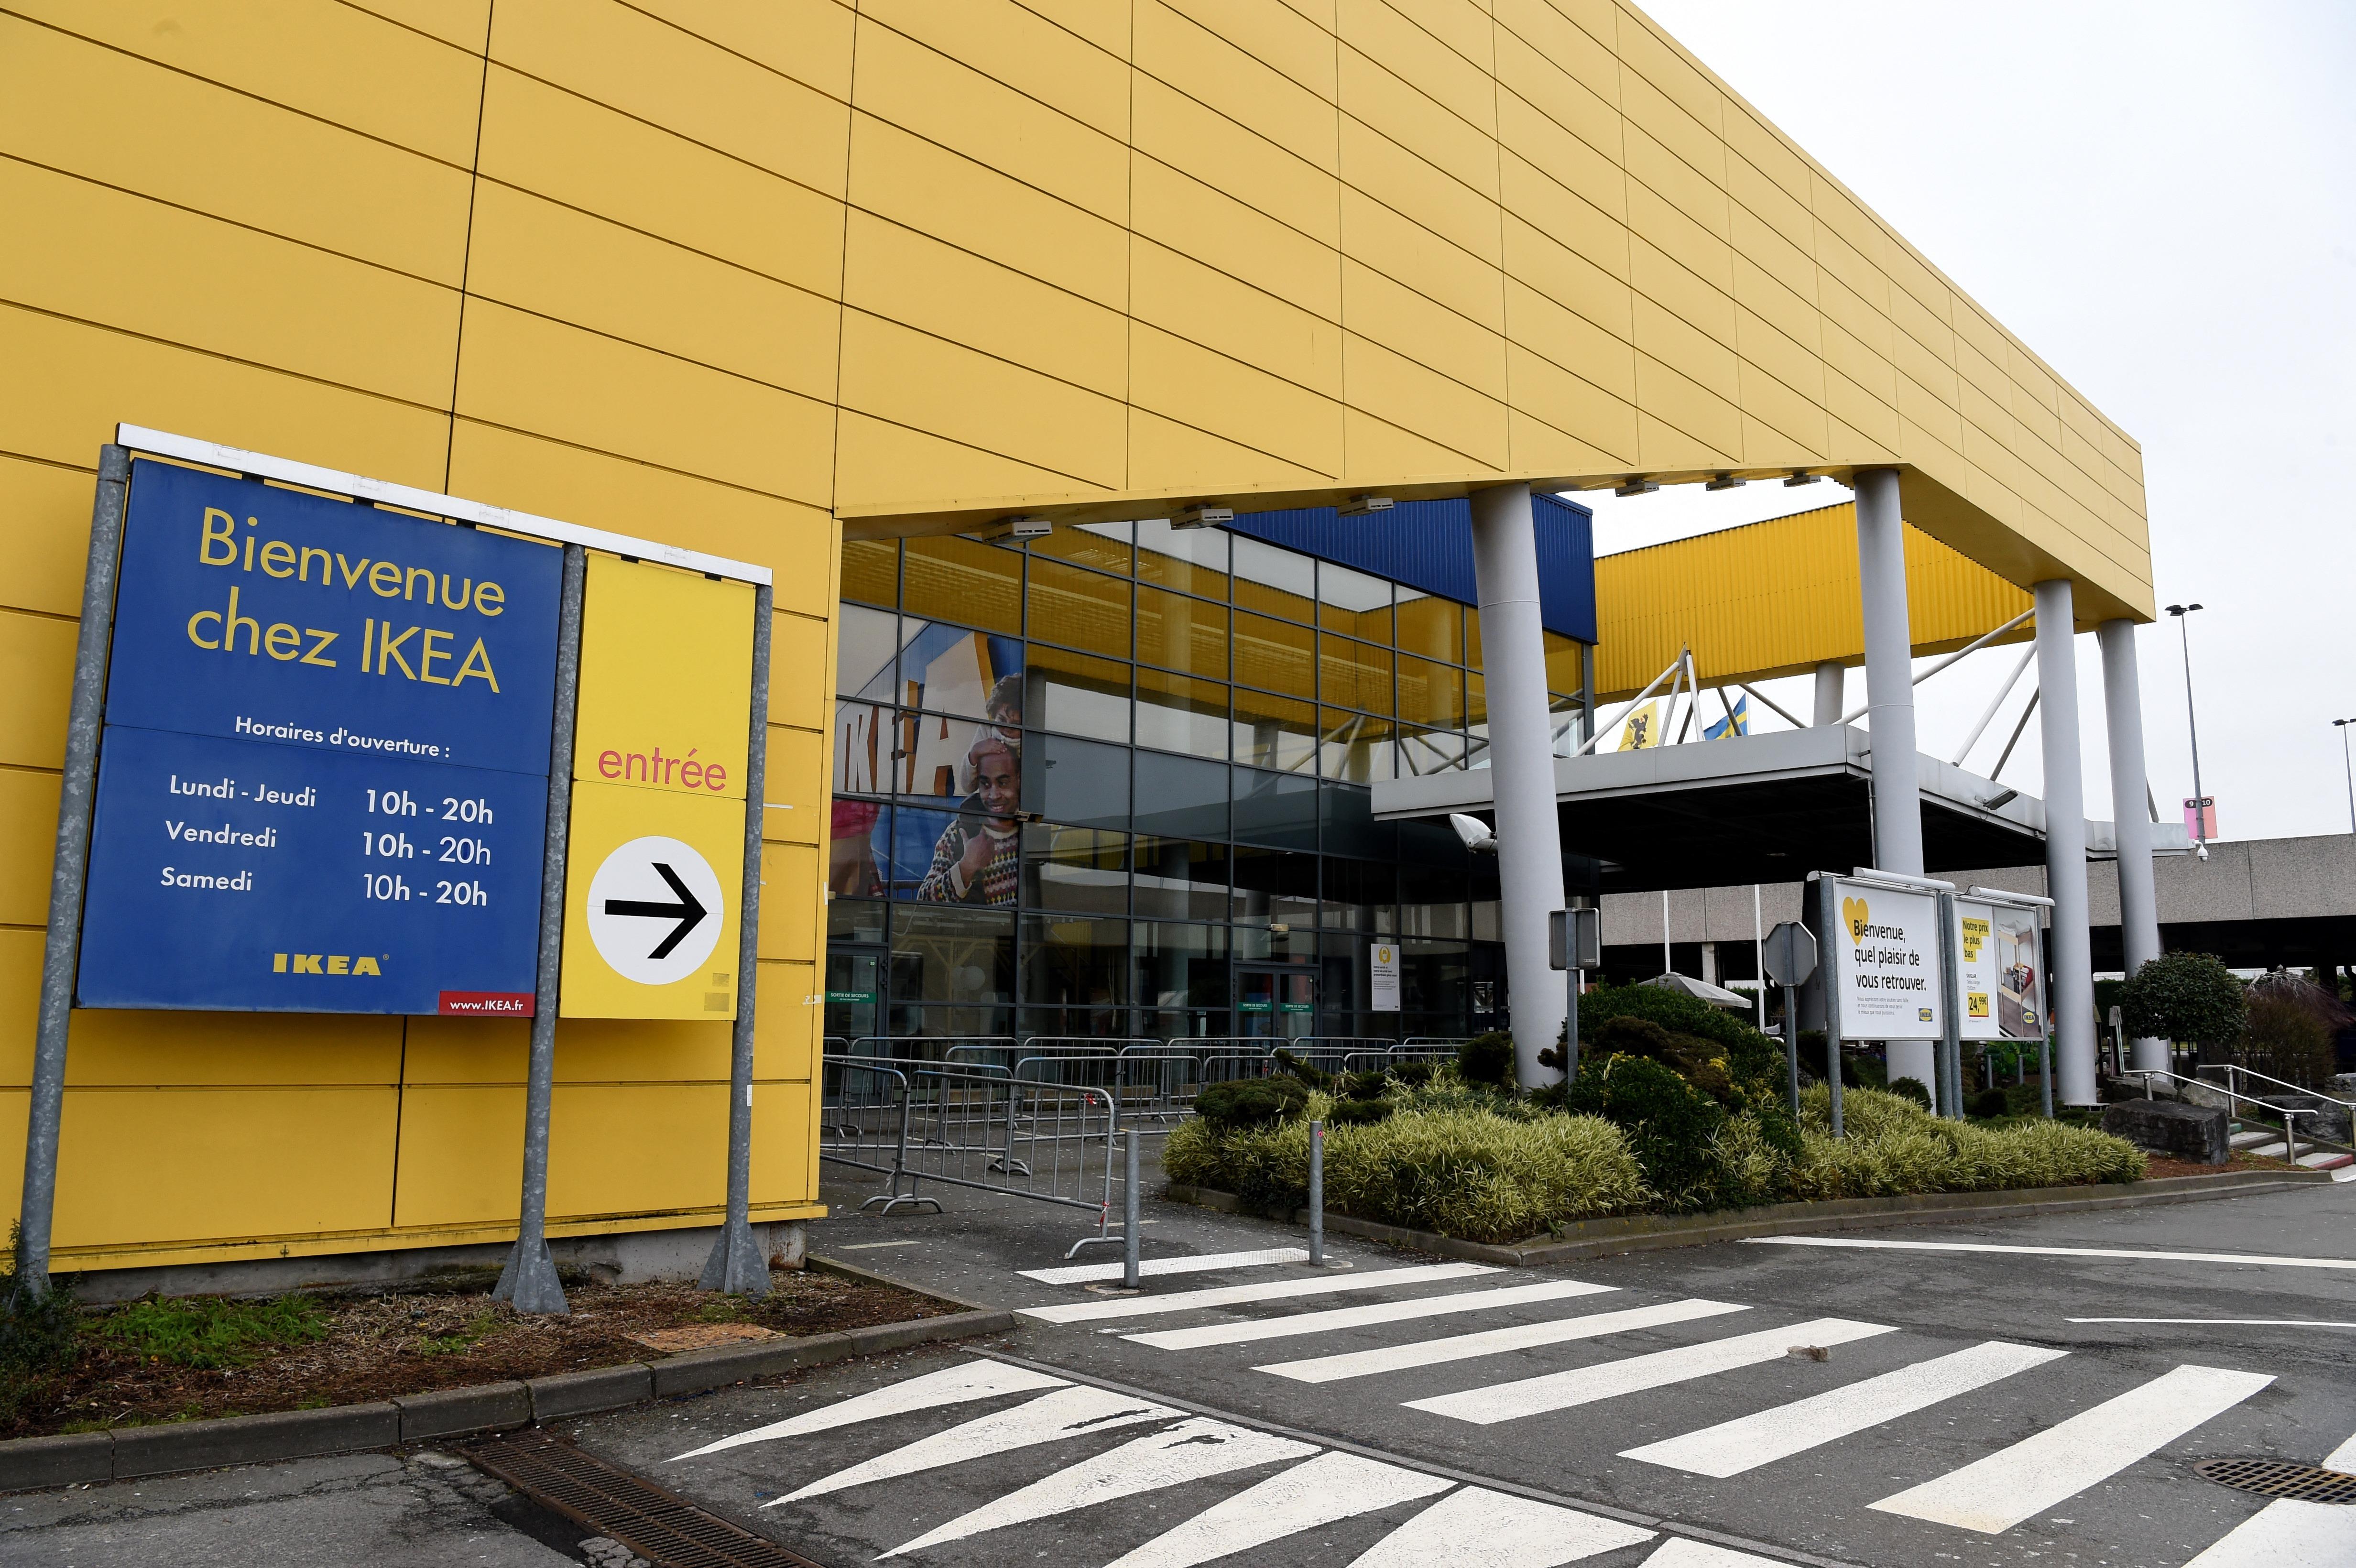 Egymillió euróra büntette a francia bíróság az Ikeát, mert kémkedett a dolgozói után